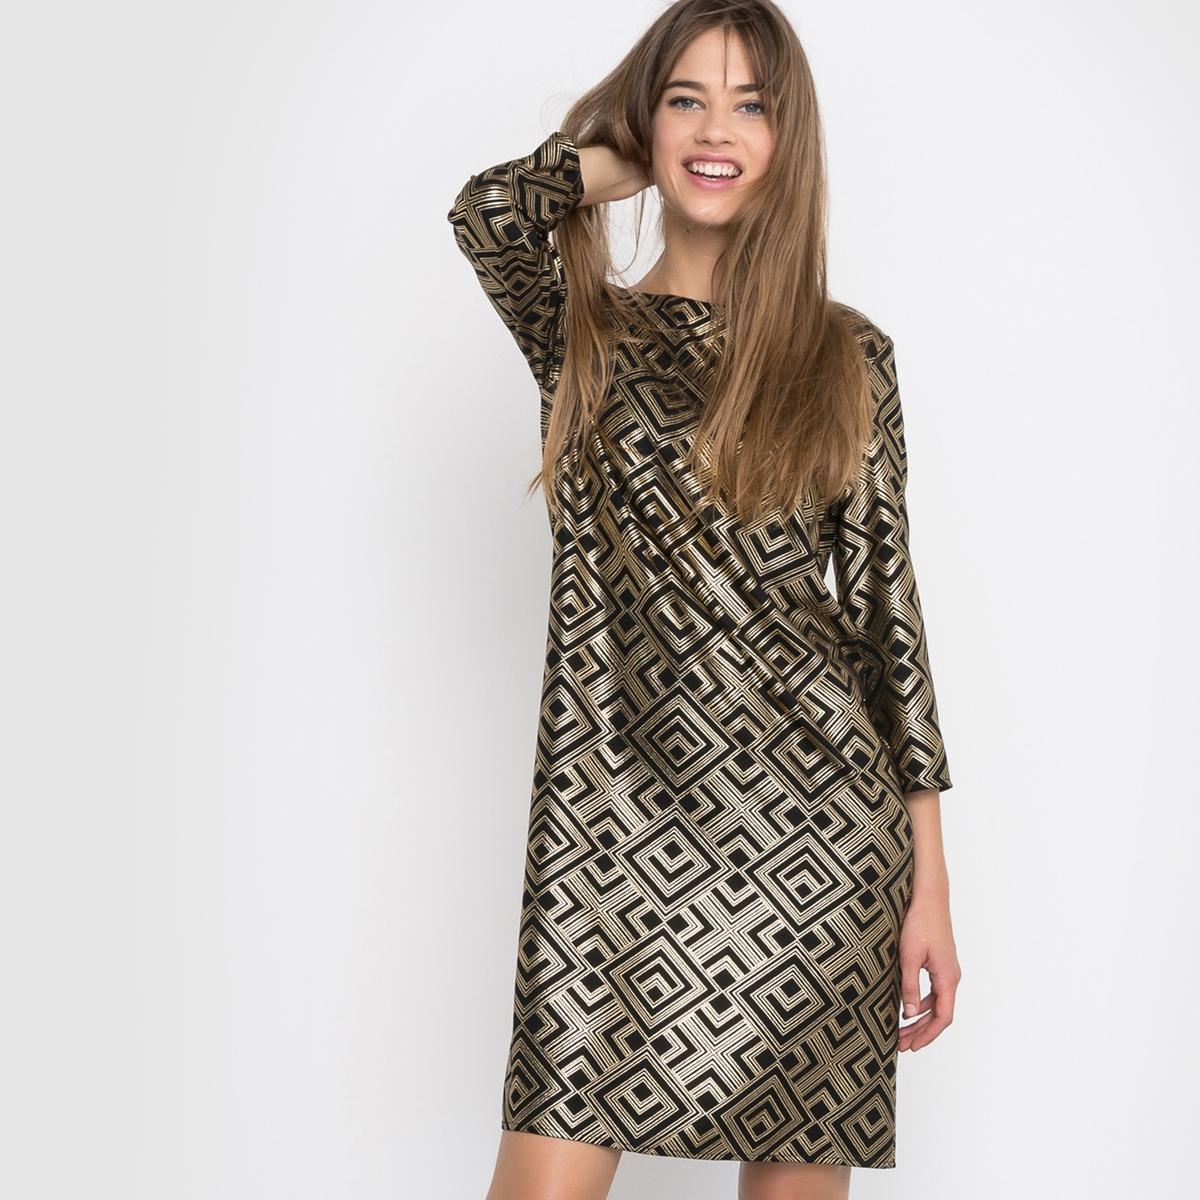 Платье-футляр с рисункомПлатье с рукавами ? R ?dition. Платье-футляр из струящейся ткани. Геометрический рисунок золотистого цвета. Свободный круглый вырез. Застежка на молнию сзади. Состав и описаниеМарка :      R ?ditionМатериал : 100% полиэстерДлина : 92 смУходМашинная стирка при 30 °CСтирать с вещами схожих цветовСтирать и гладить при низкой температуре с изнаночной стороны<br><br>Цвет: рисунок золотистый<br>Размер: 38 (FR) - 44 (RUS)